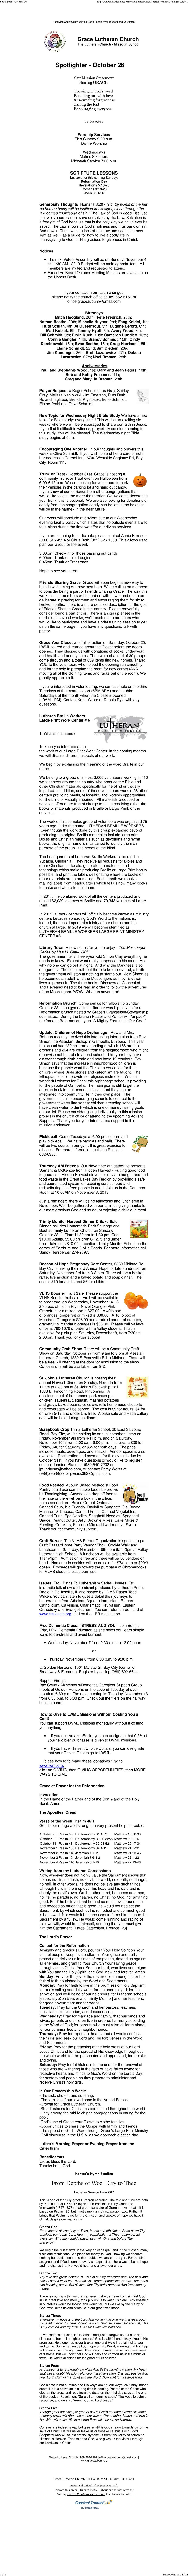 Spotlighter - October 26-page-001.jpg